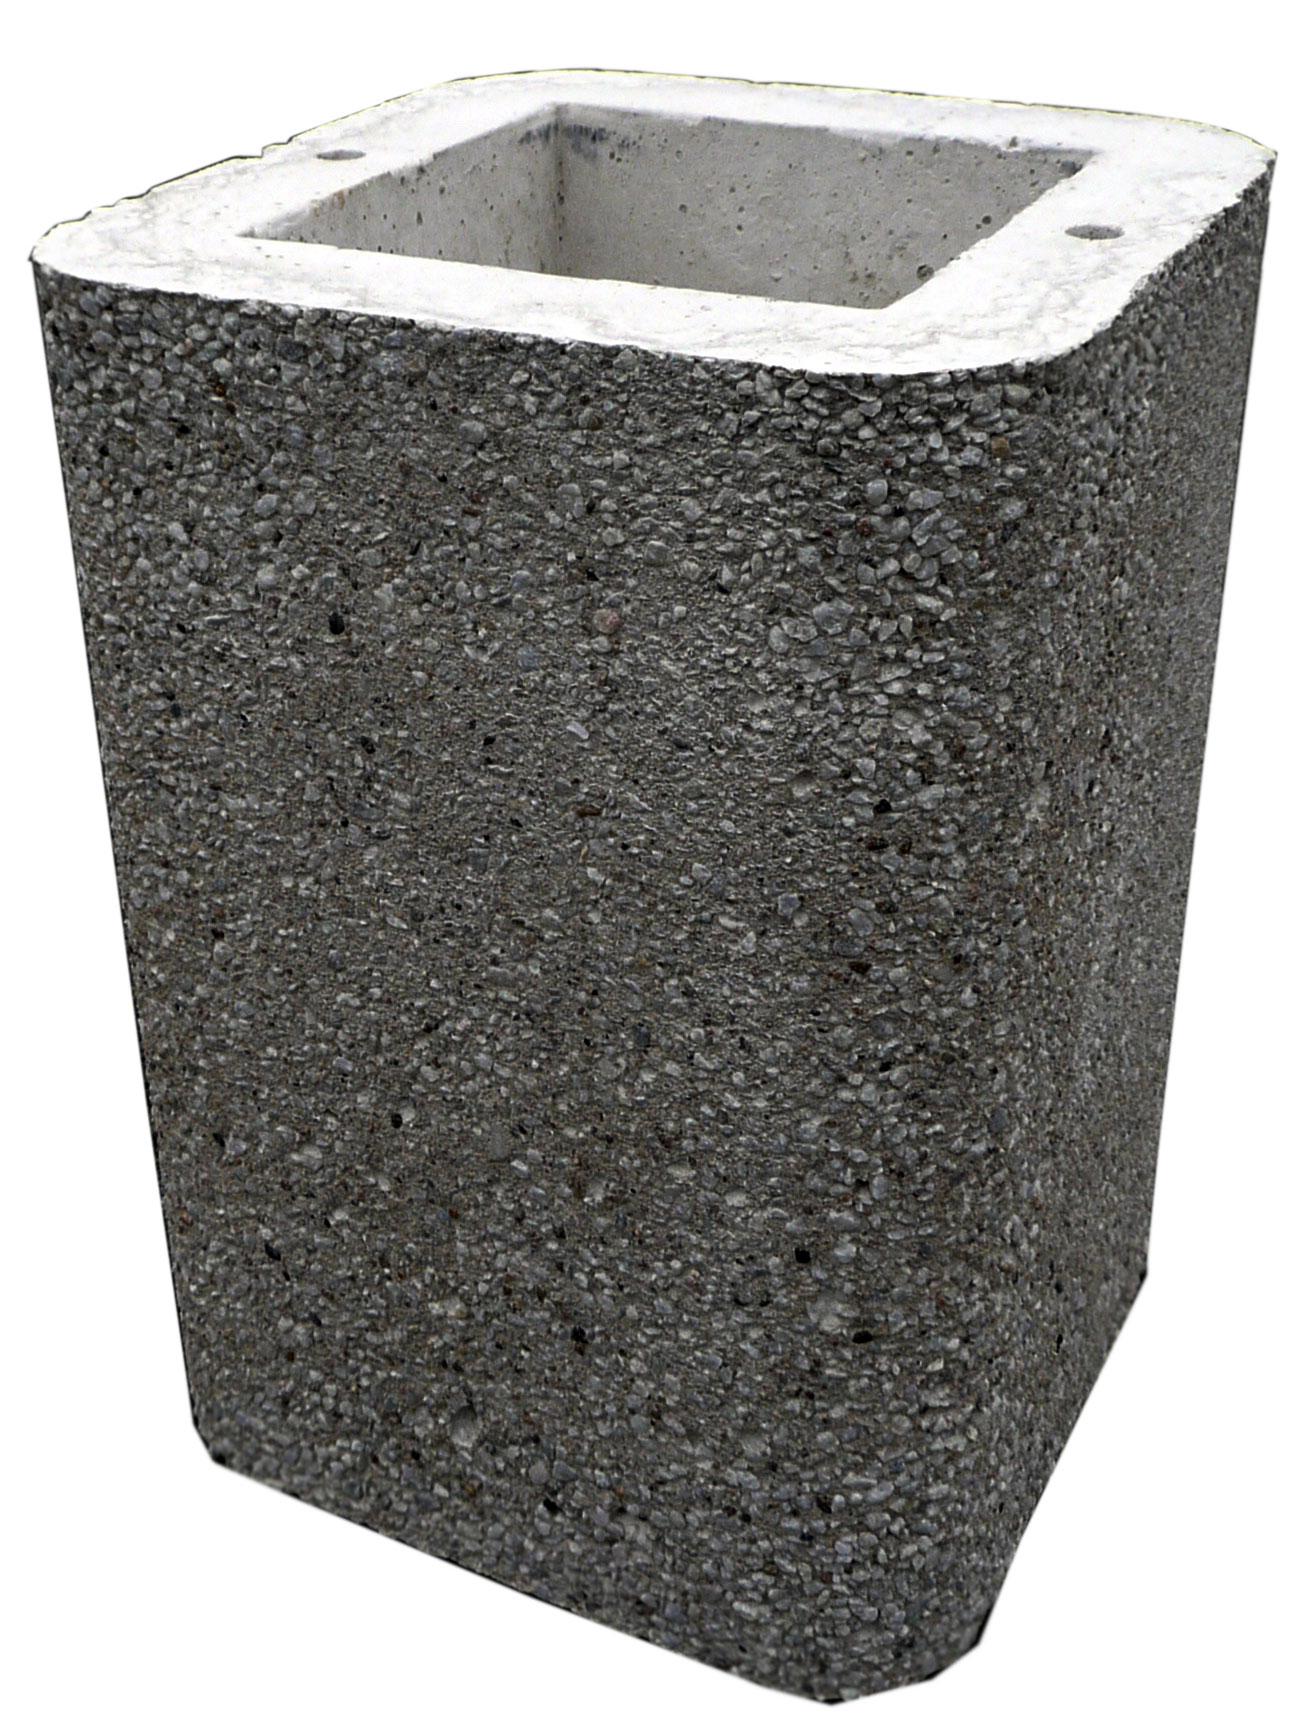 Wellfire Haubenverlängerung 40 cm Grillkamin Siesta schwarz weiß Bild 1